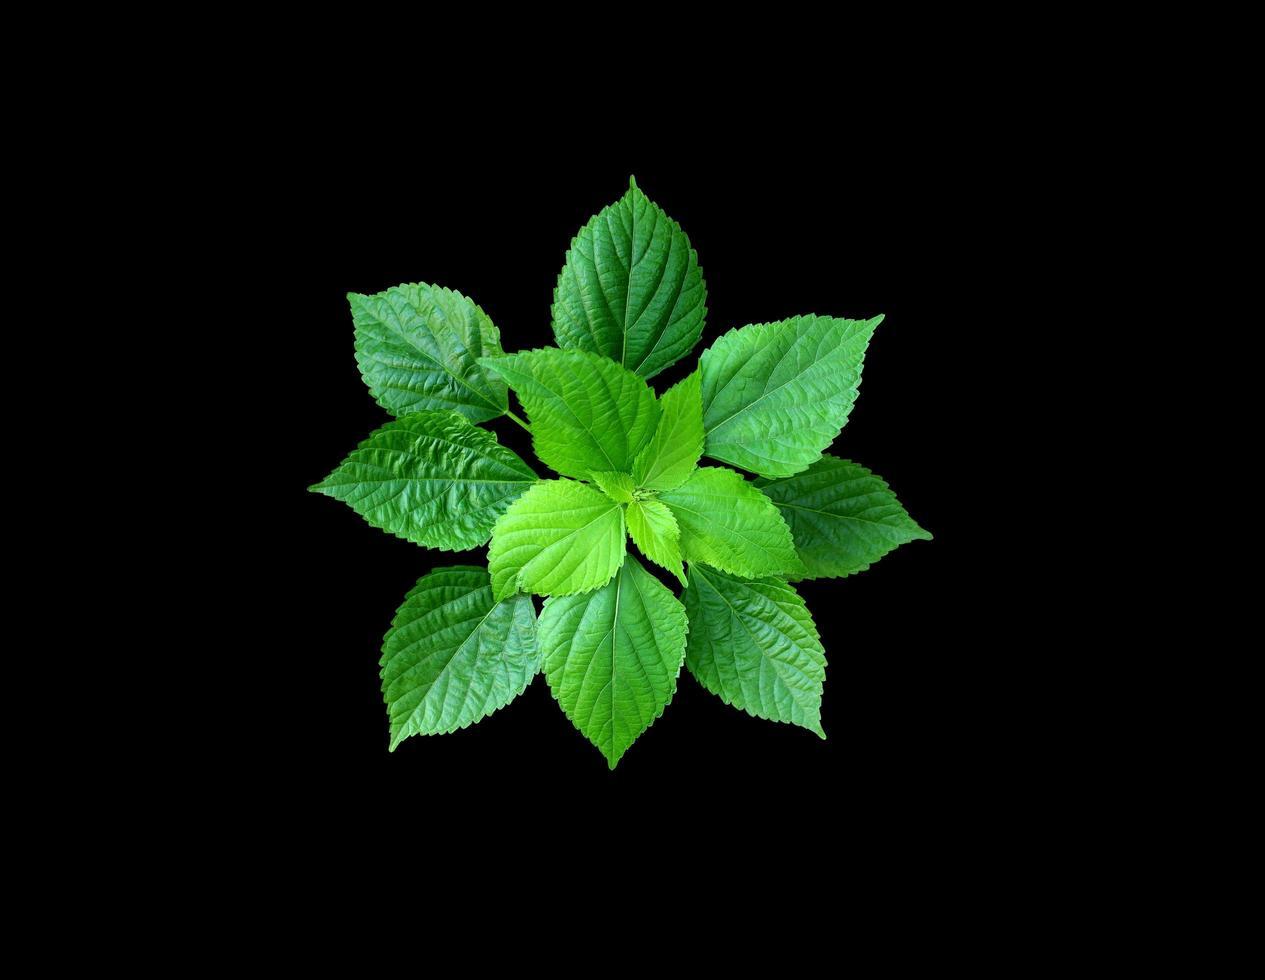 feuilles vertes sur fond noir photo